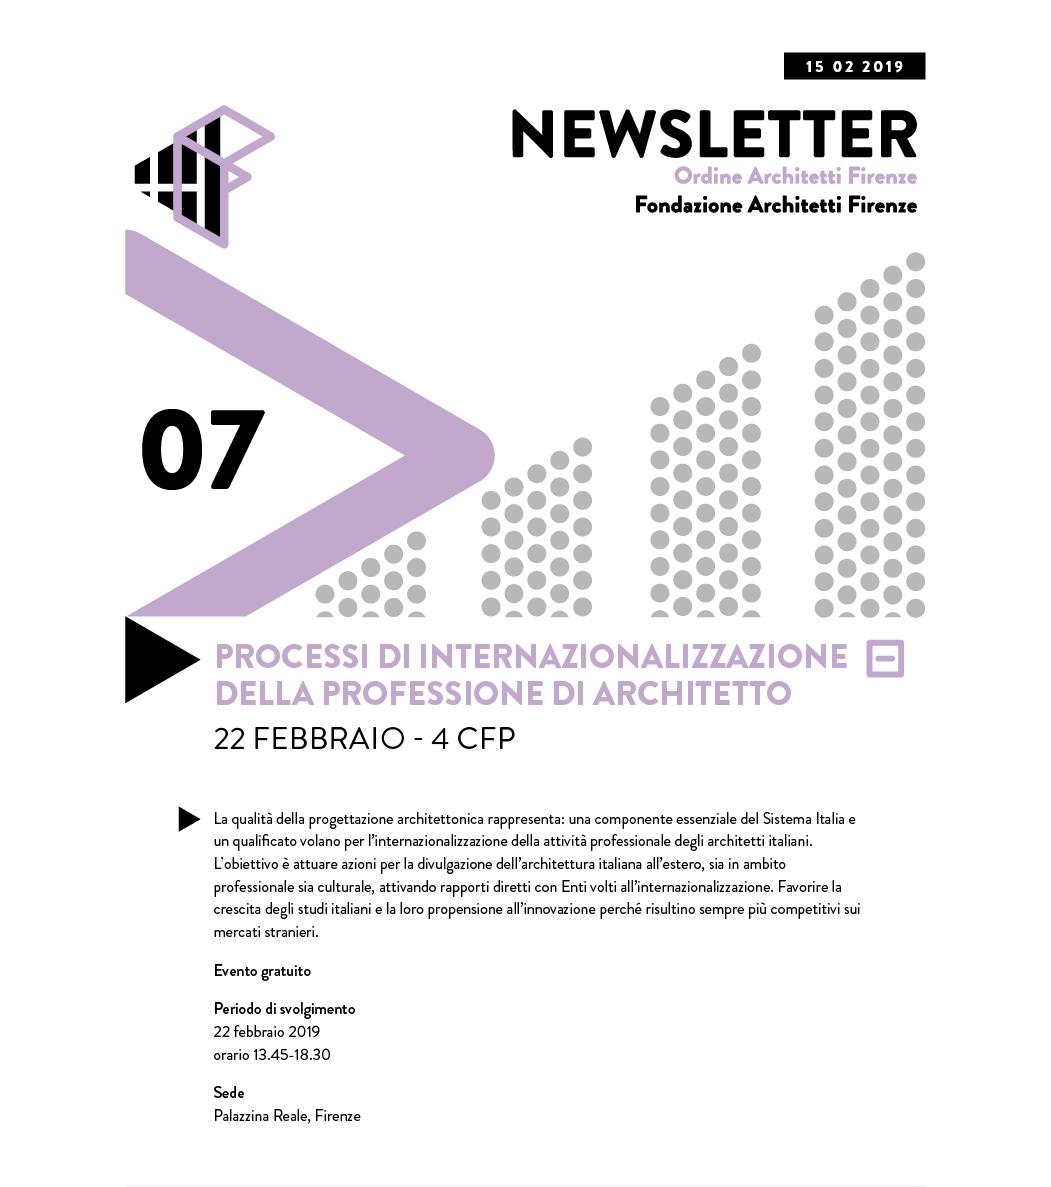 PROCESSI DI INTERNAZIONALIZZAZIONE DELLA PROFESSIONE DI ARCHITETTO 22 febbraio - 4 cfp